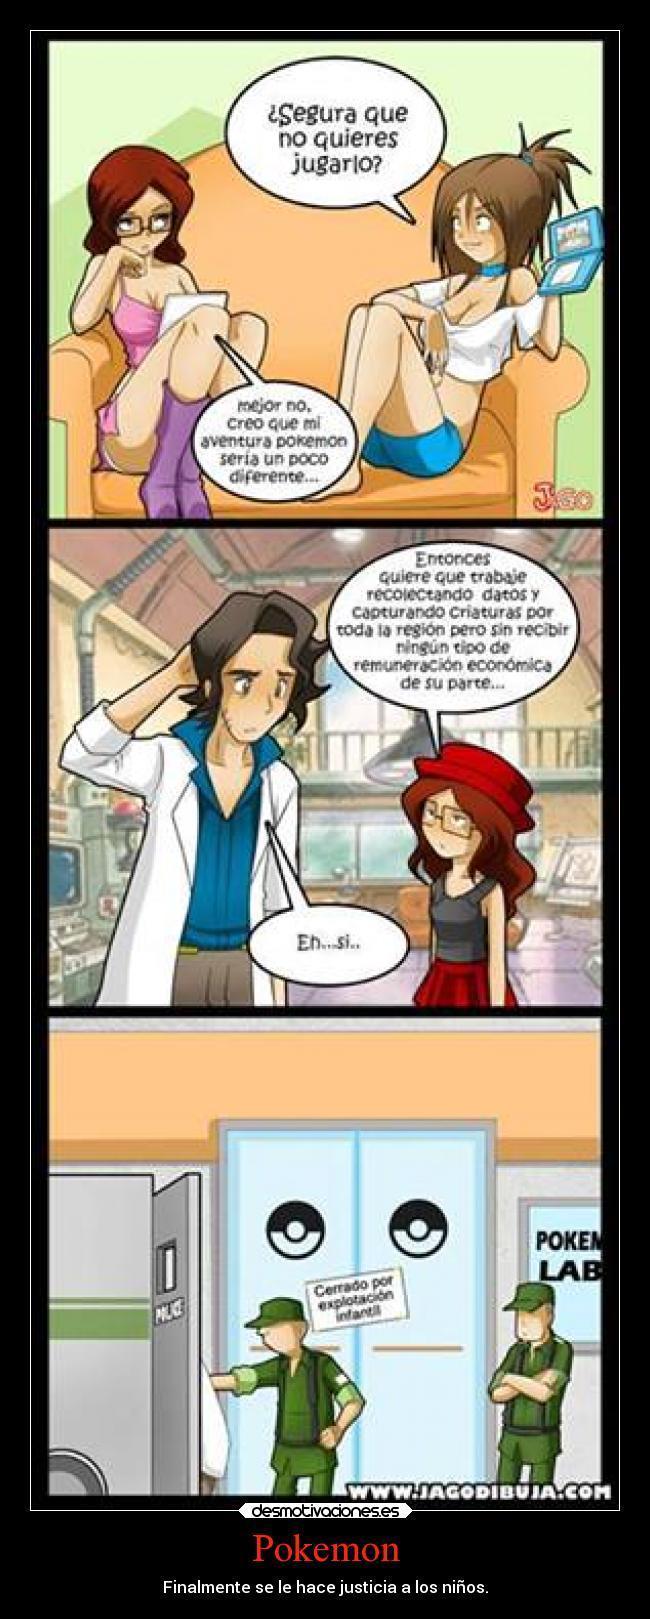 ¬¬ pokemon visto desde la vista de: Hipster-girl - meme